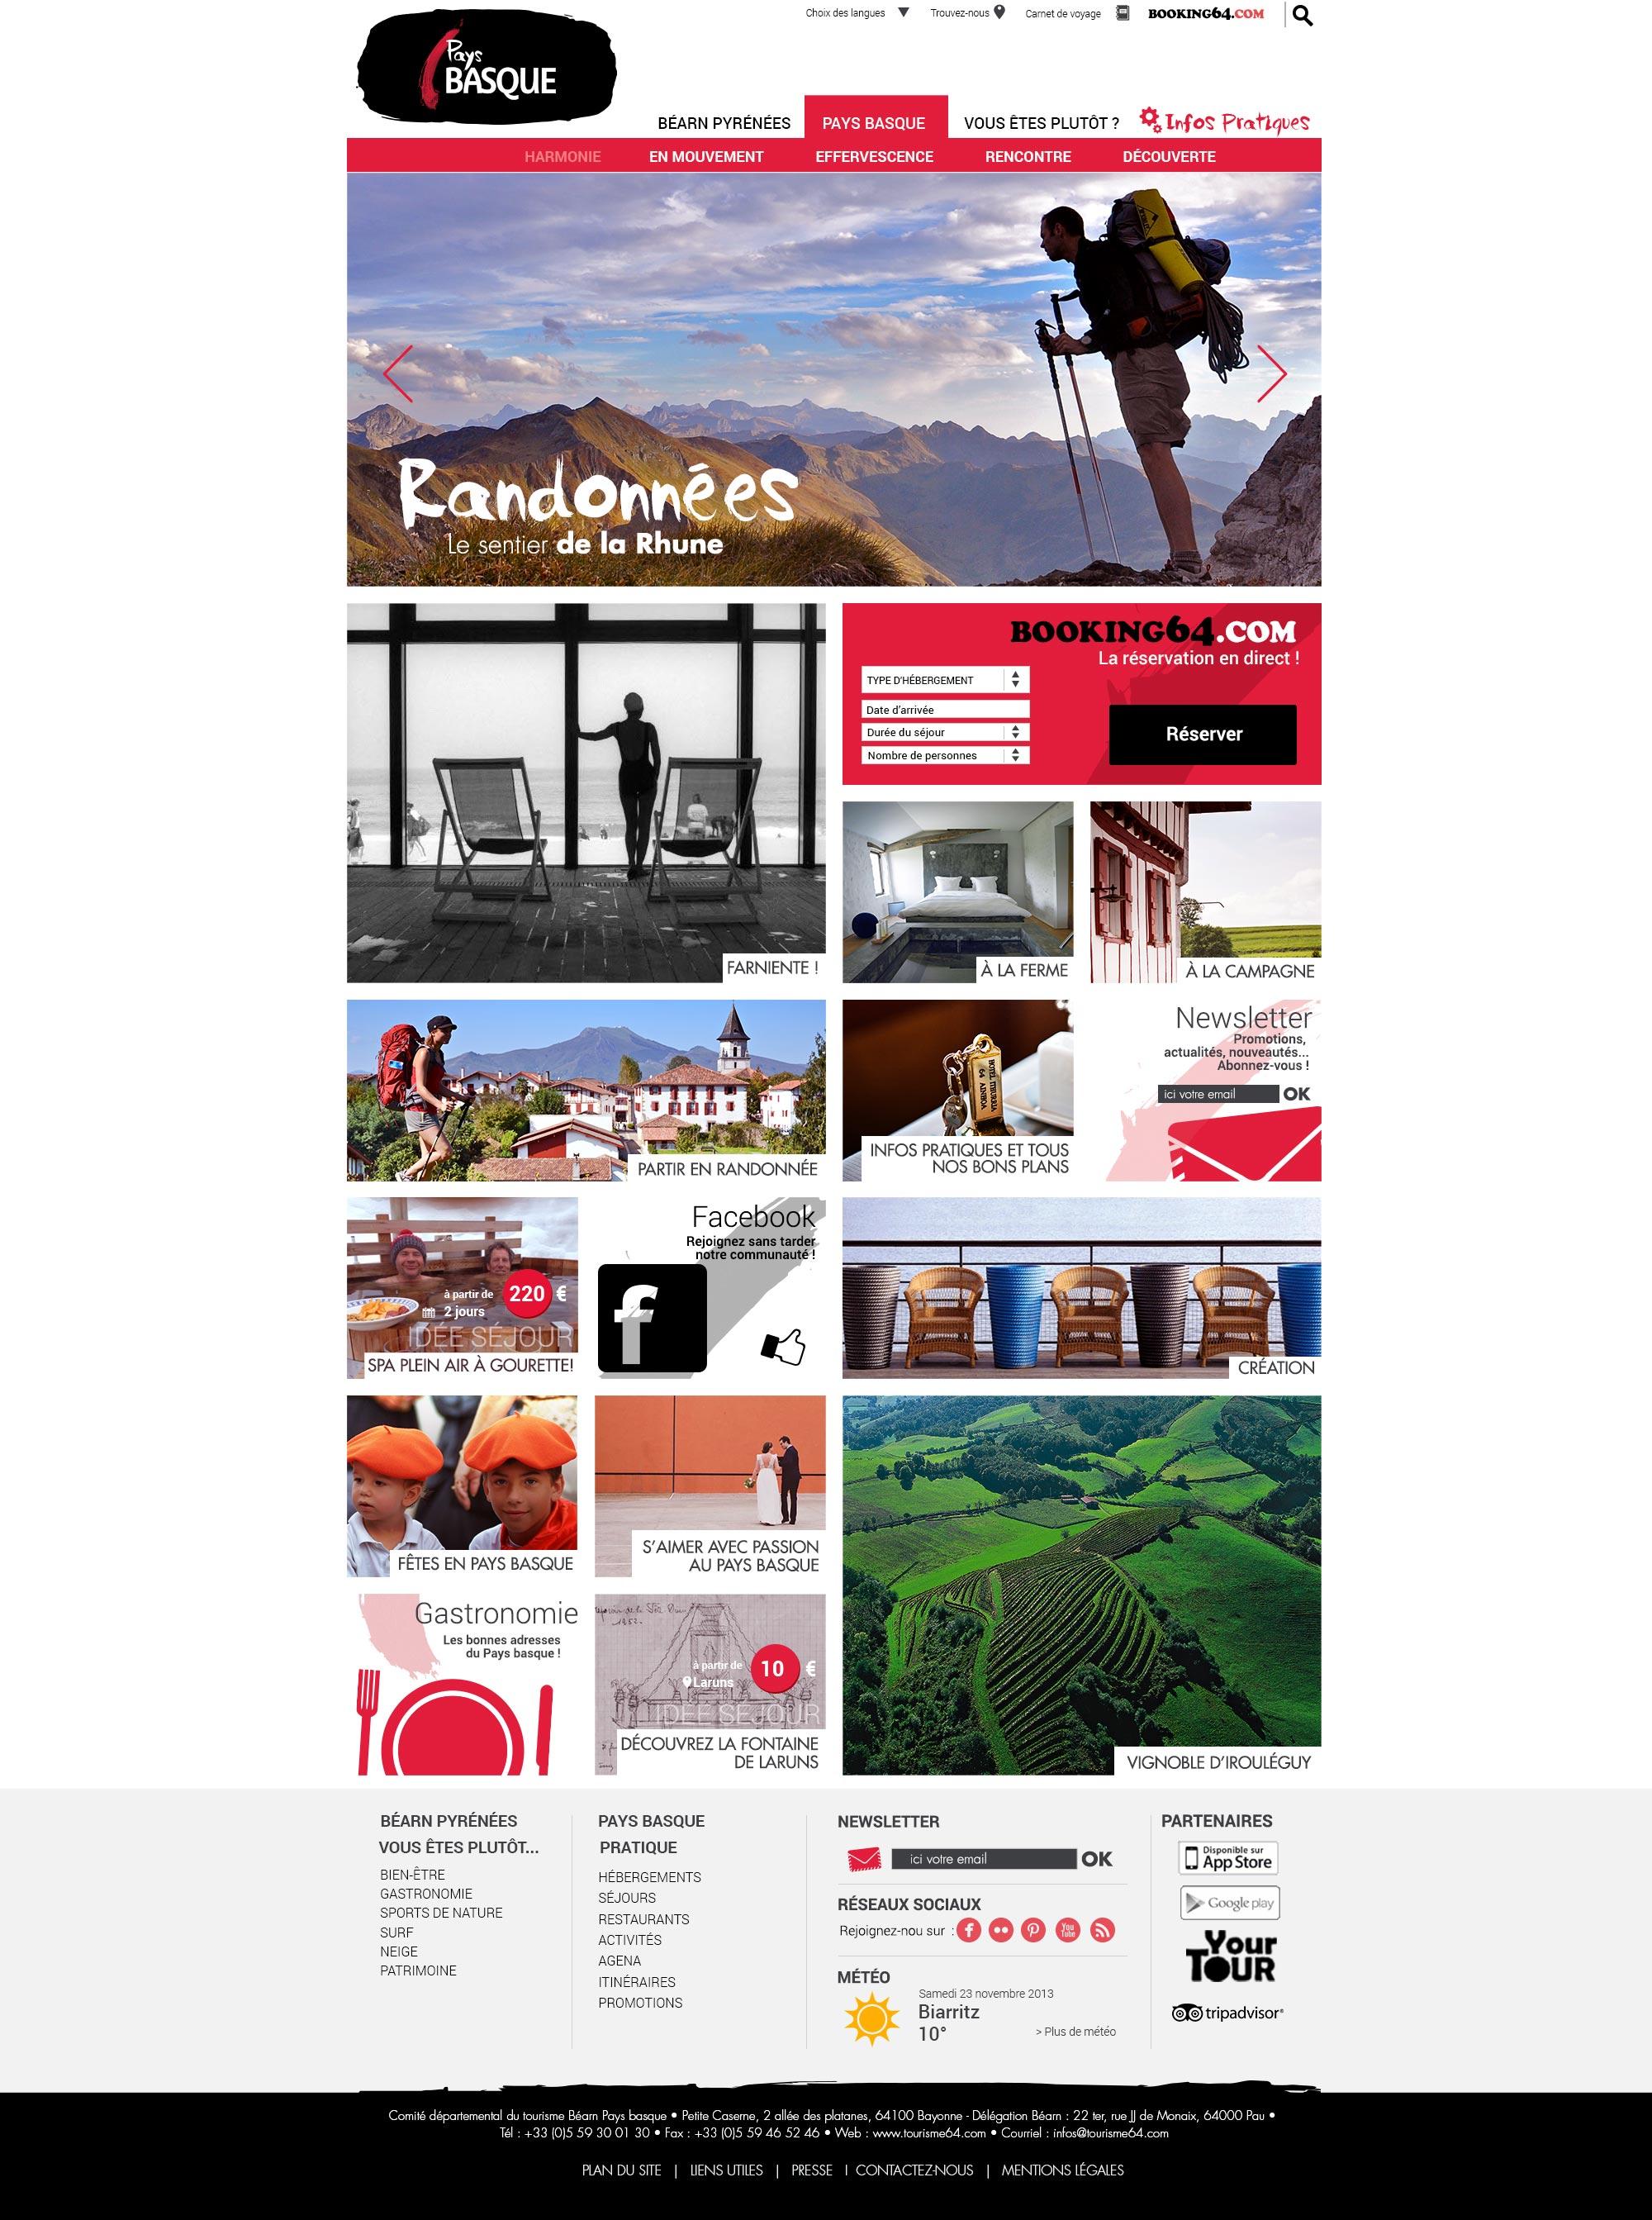 Tourisme 64 : le nouveau site de Béarn Pyrénées Pays Basque.